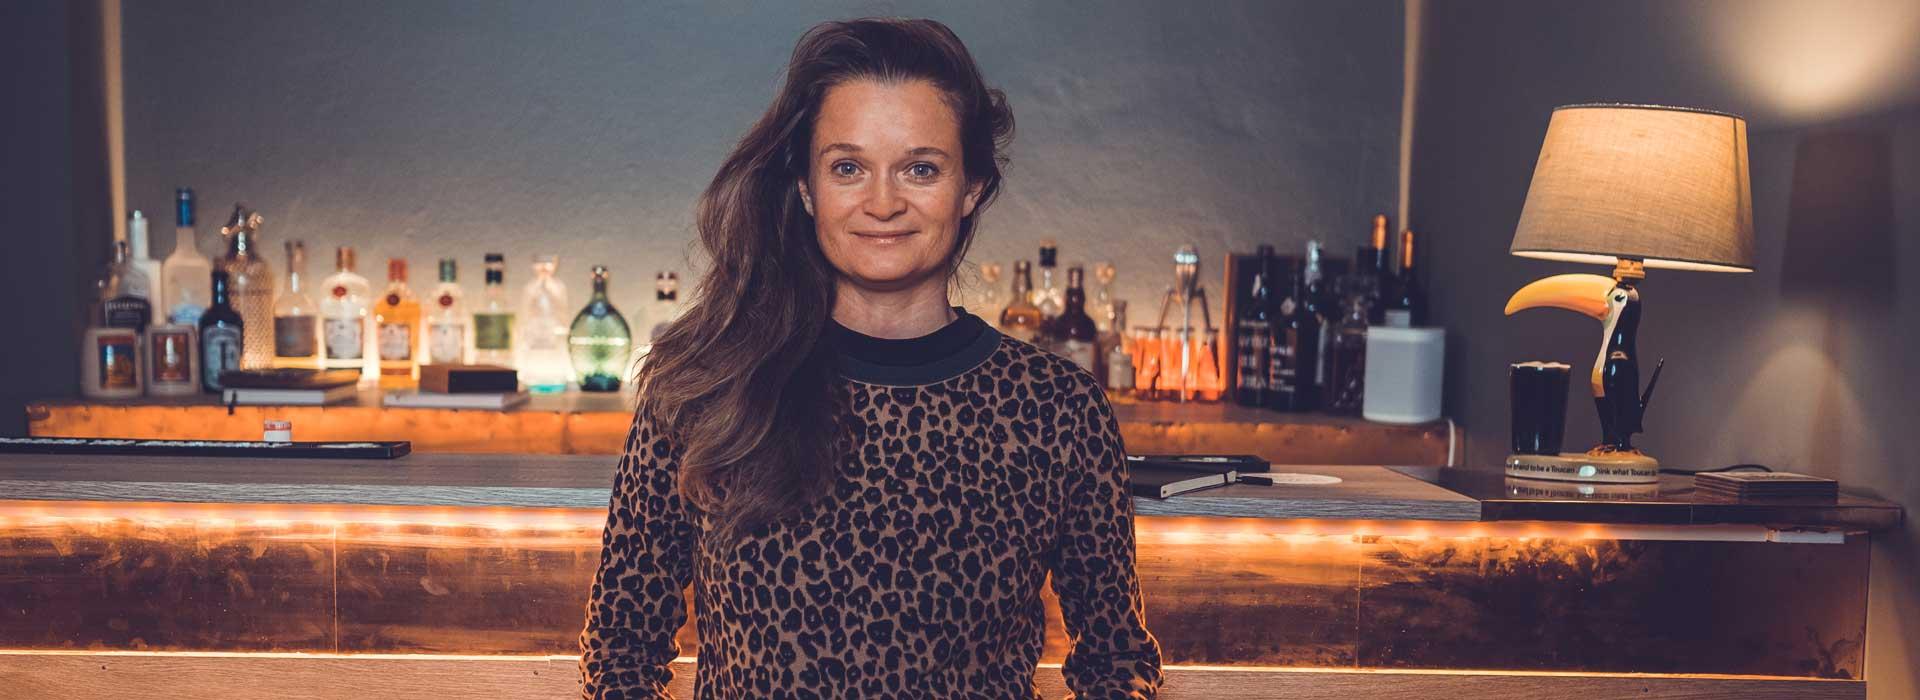 Natalie Spinell über Filme, Serien und Emotionen